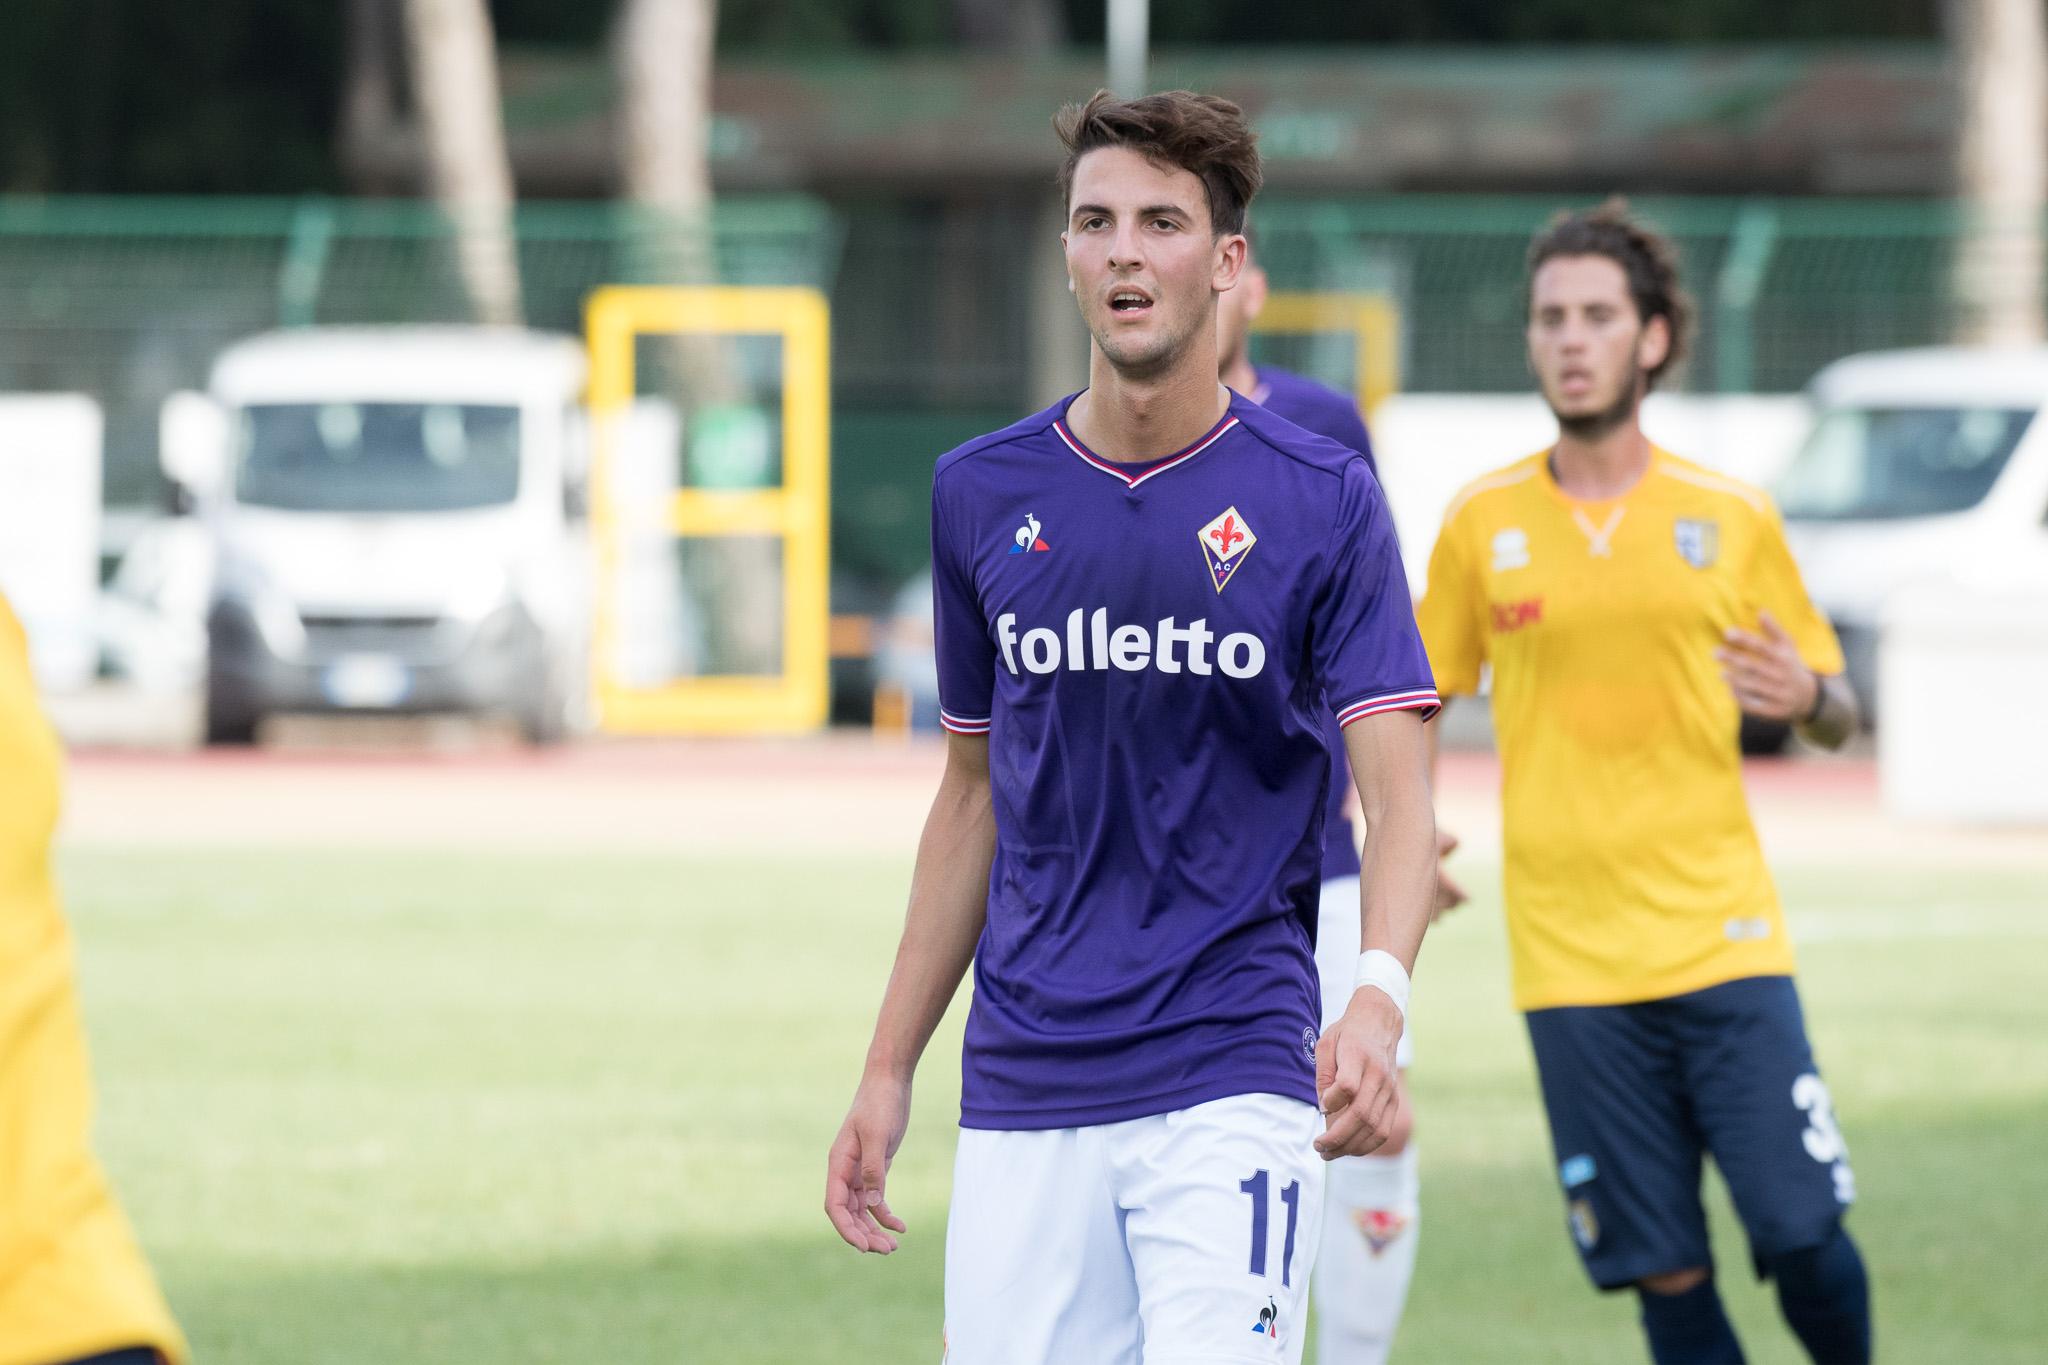 """Zekhnini: """"È un sogno giocare in serie A nella Fiorentina. La scelta giusta per me"""""""